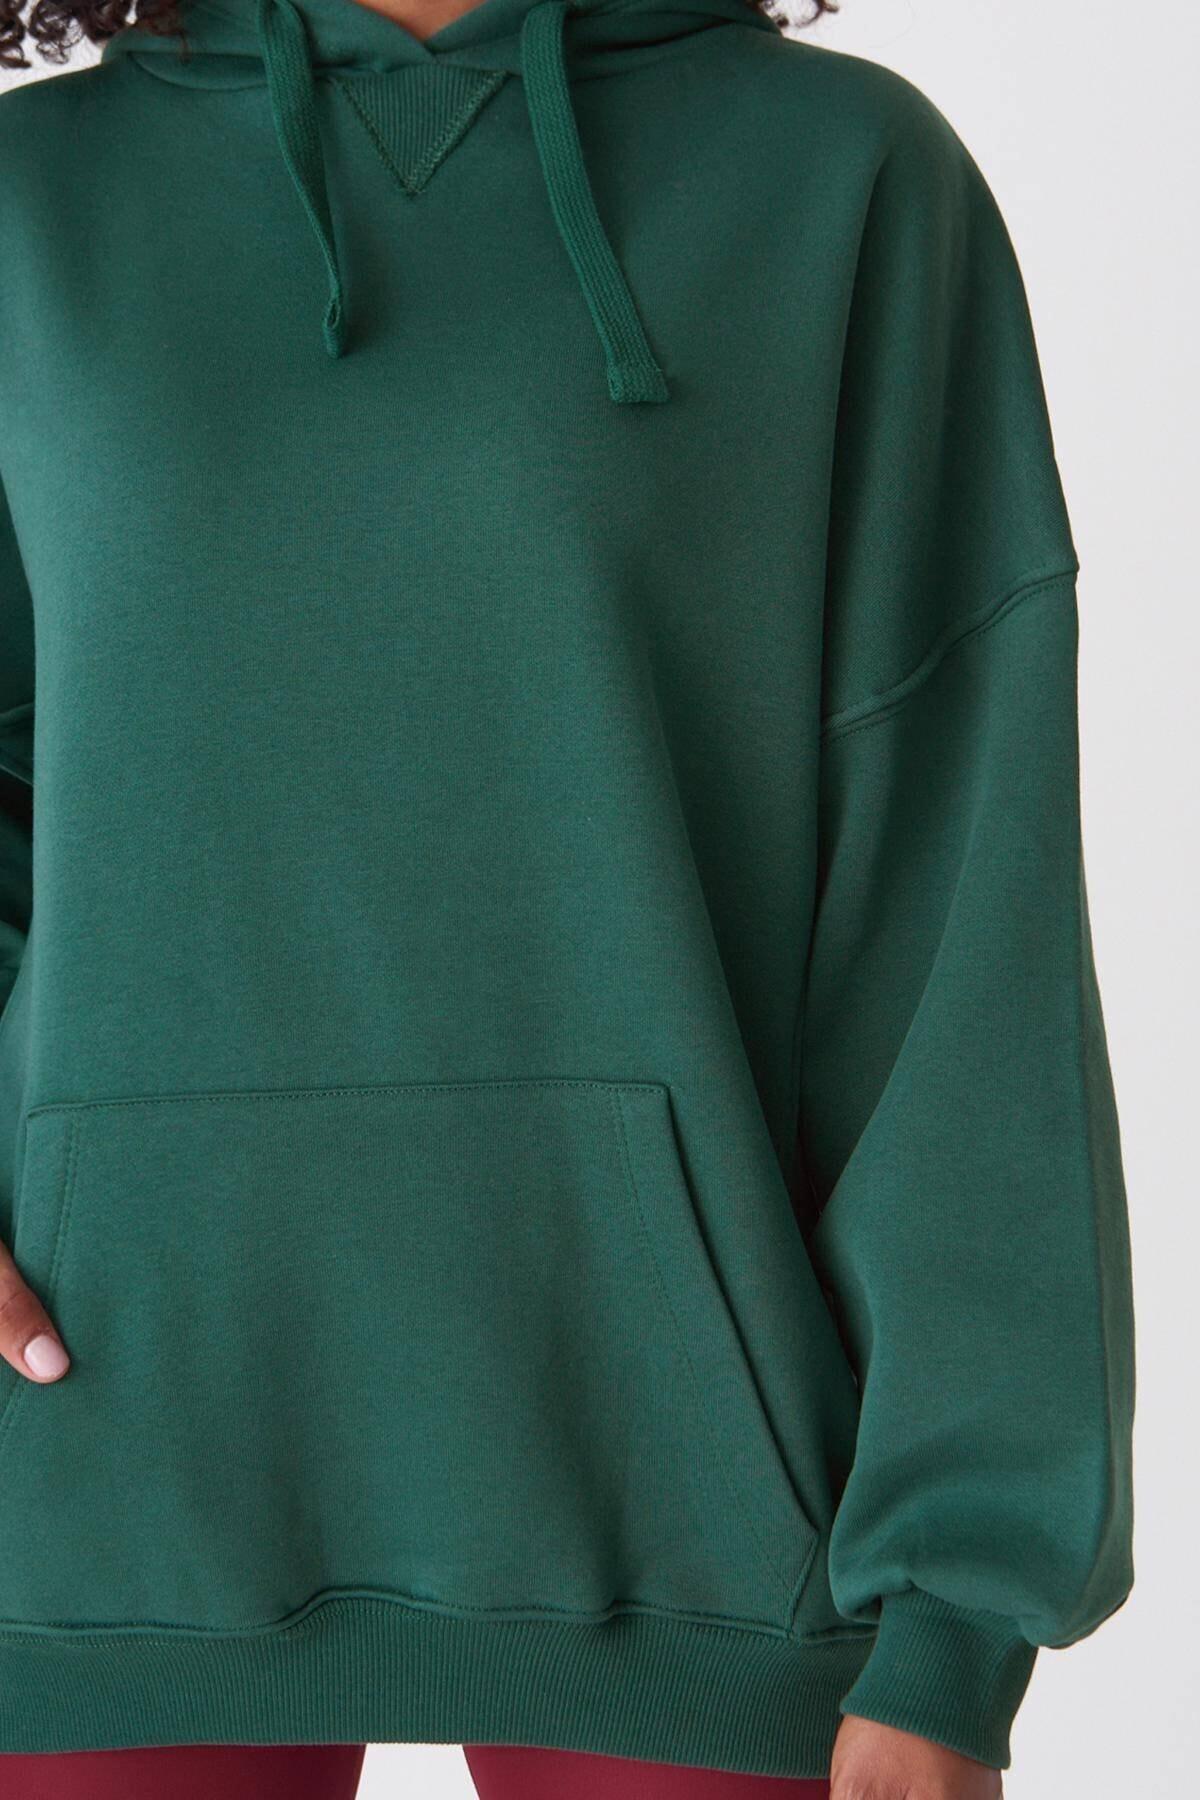 Addax Kadın Zümrüt Kapüşonlu Sweatshirt ADX-0000014040 3